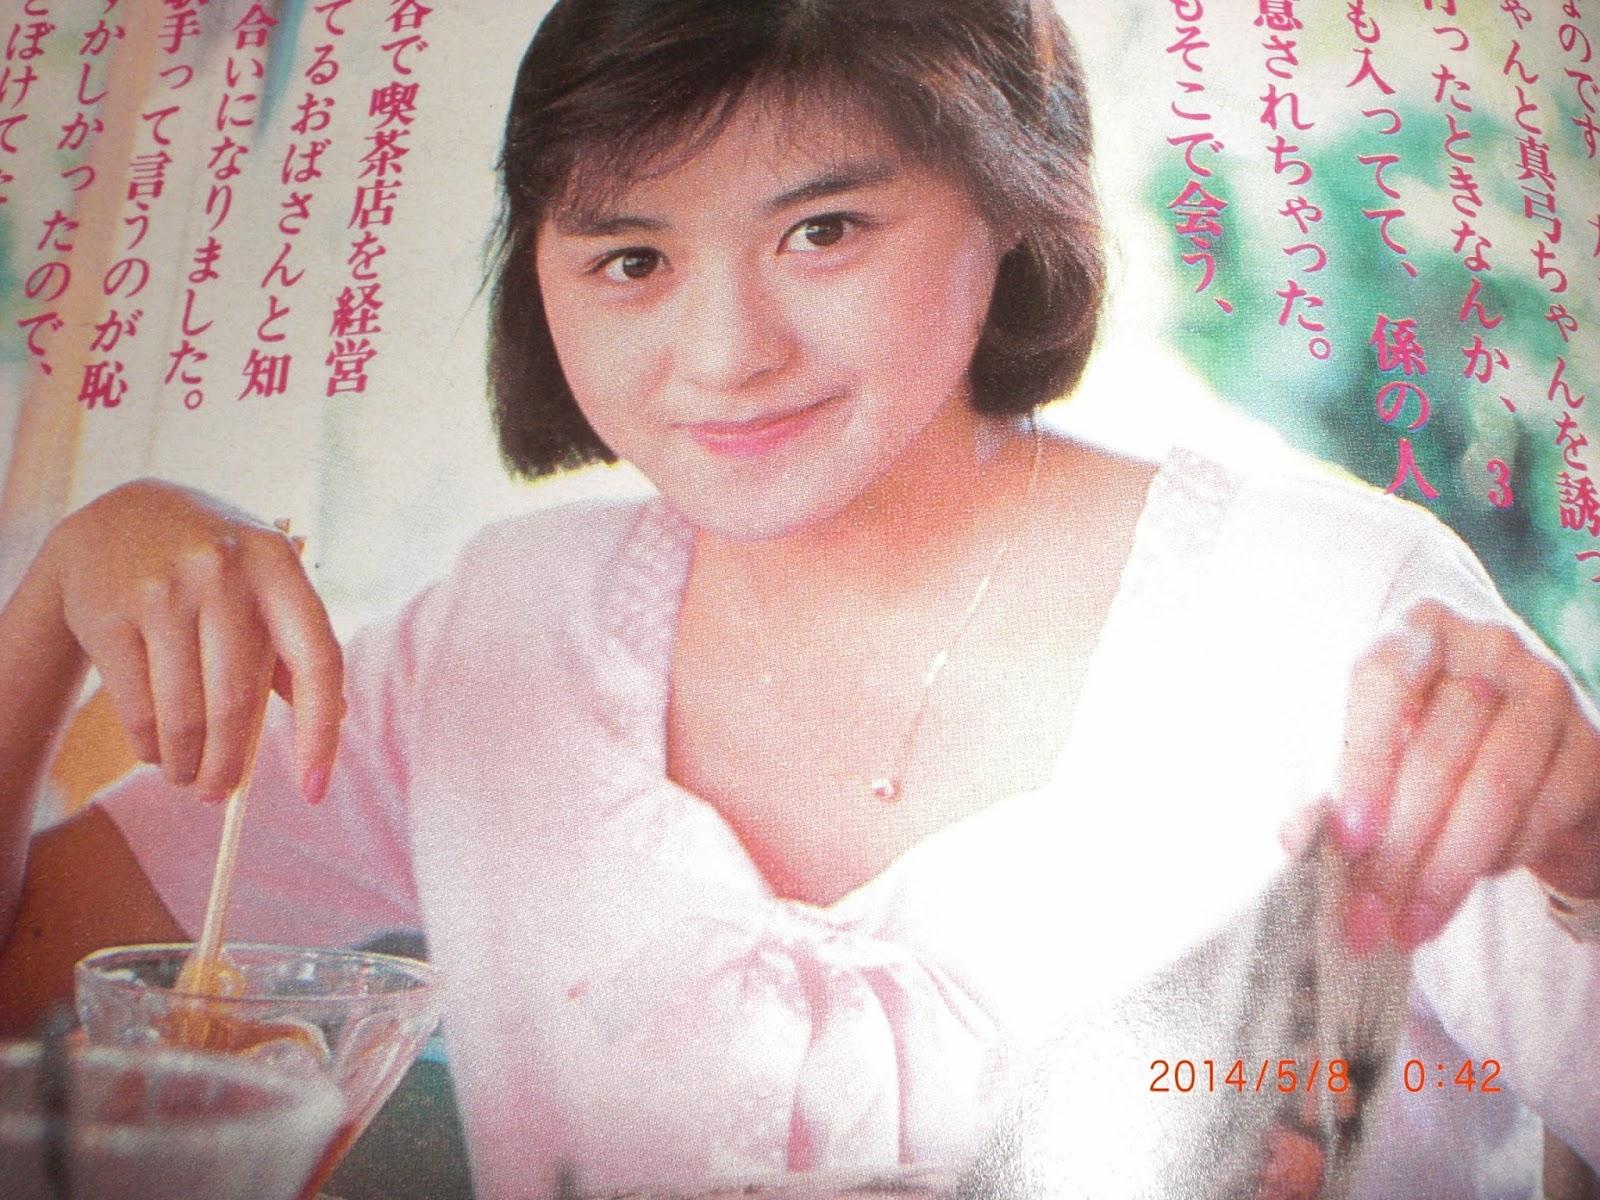 Yoko Mitsuya (b. 1984)